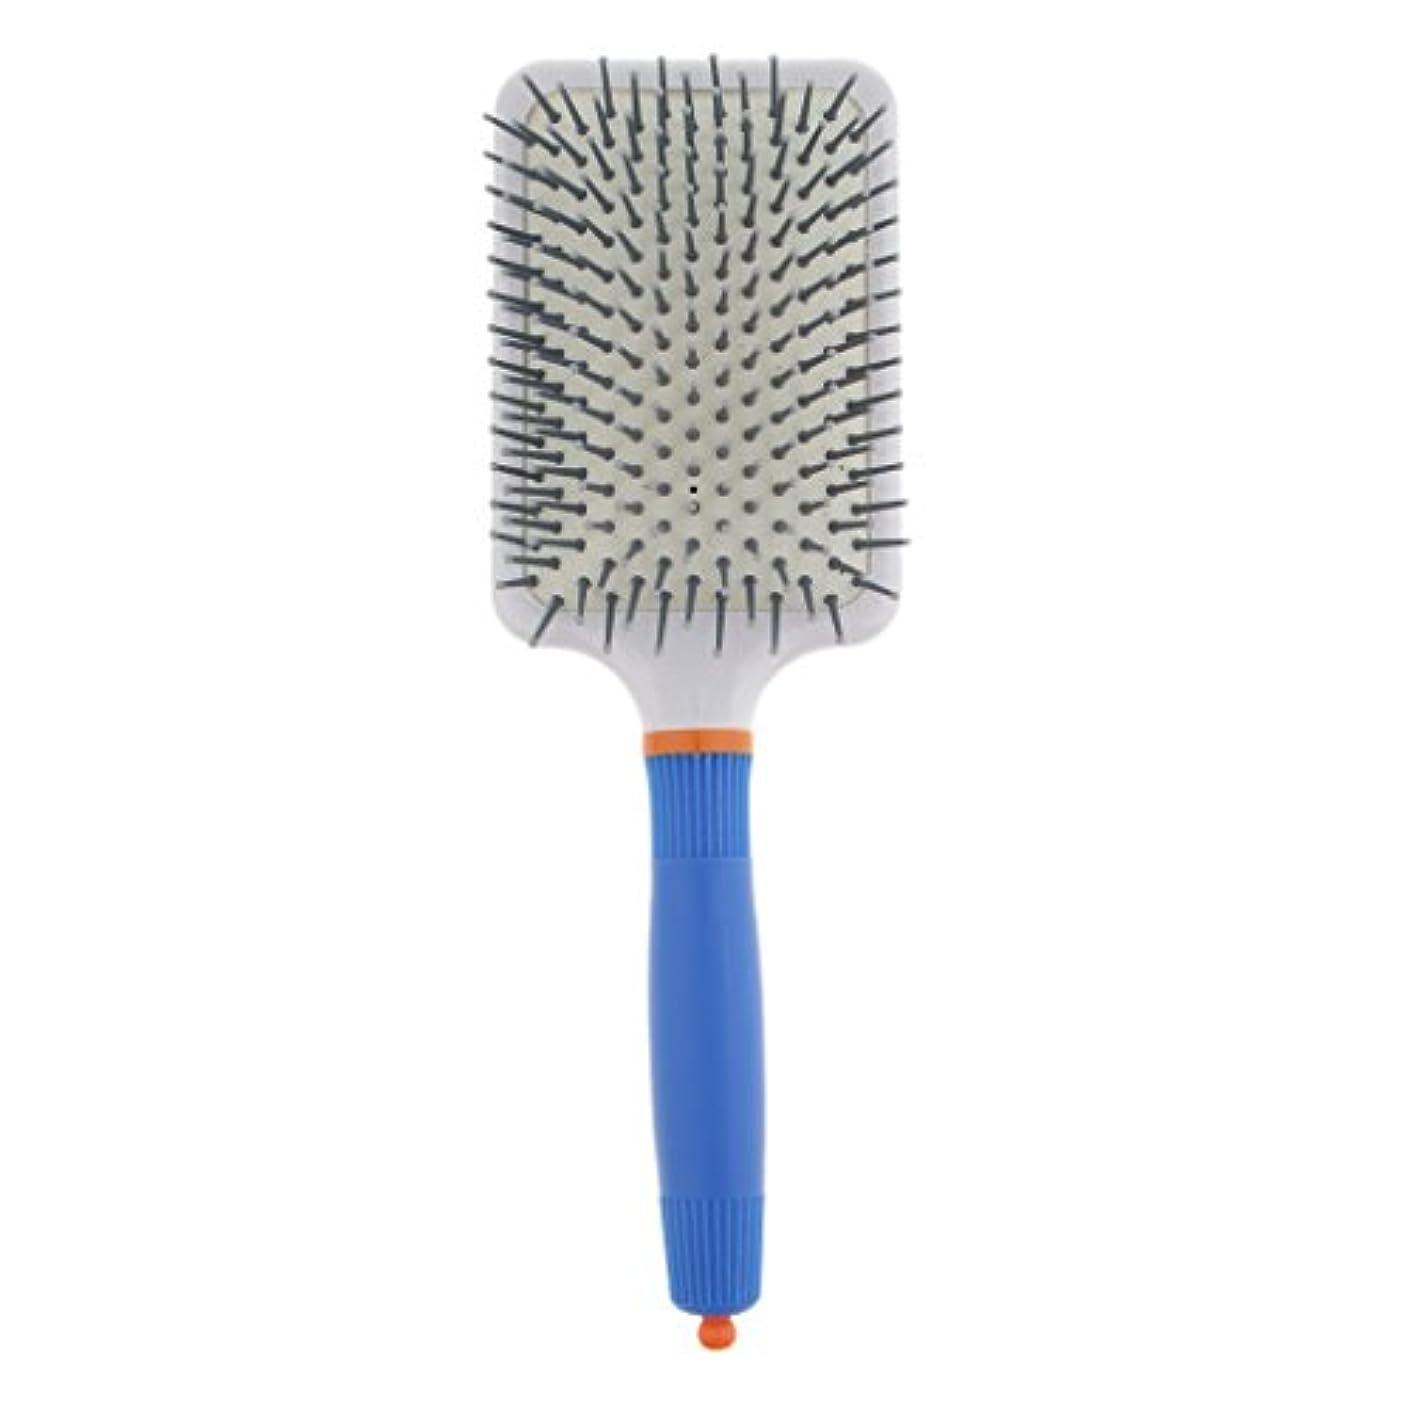 個人西部生活プラスチック製 ブラシ 頭皮マッサージブラシ フラットヘアブラシ 櫛 静電気防止 全2色 - ダークブルー